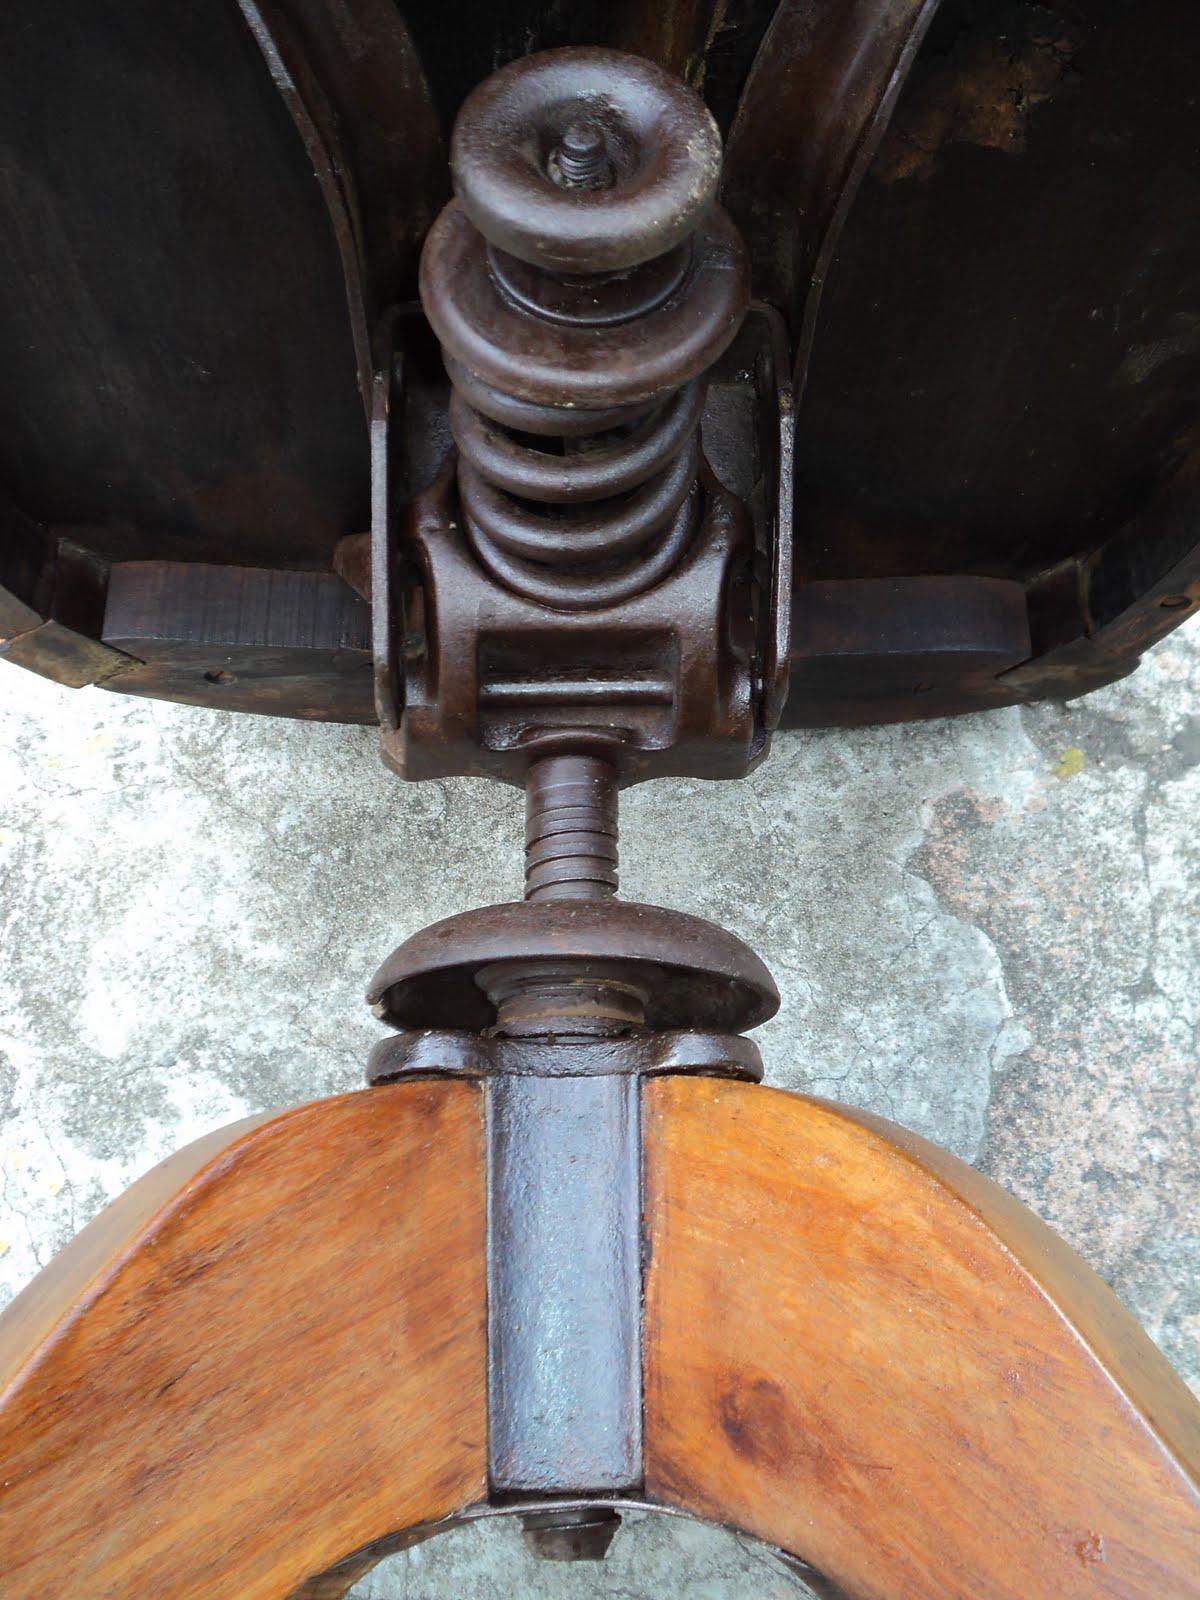 antiqualha: Cadeira antiga xerife #995D32 1200x1600